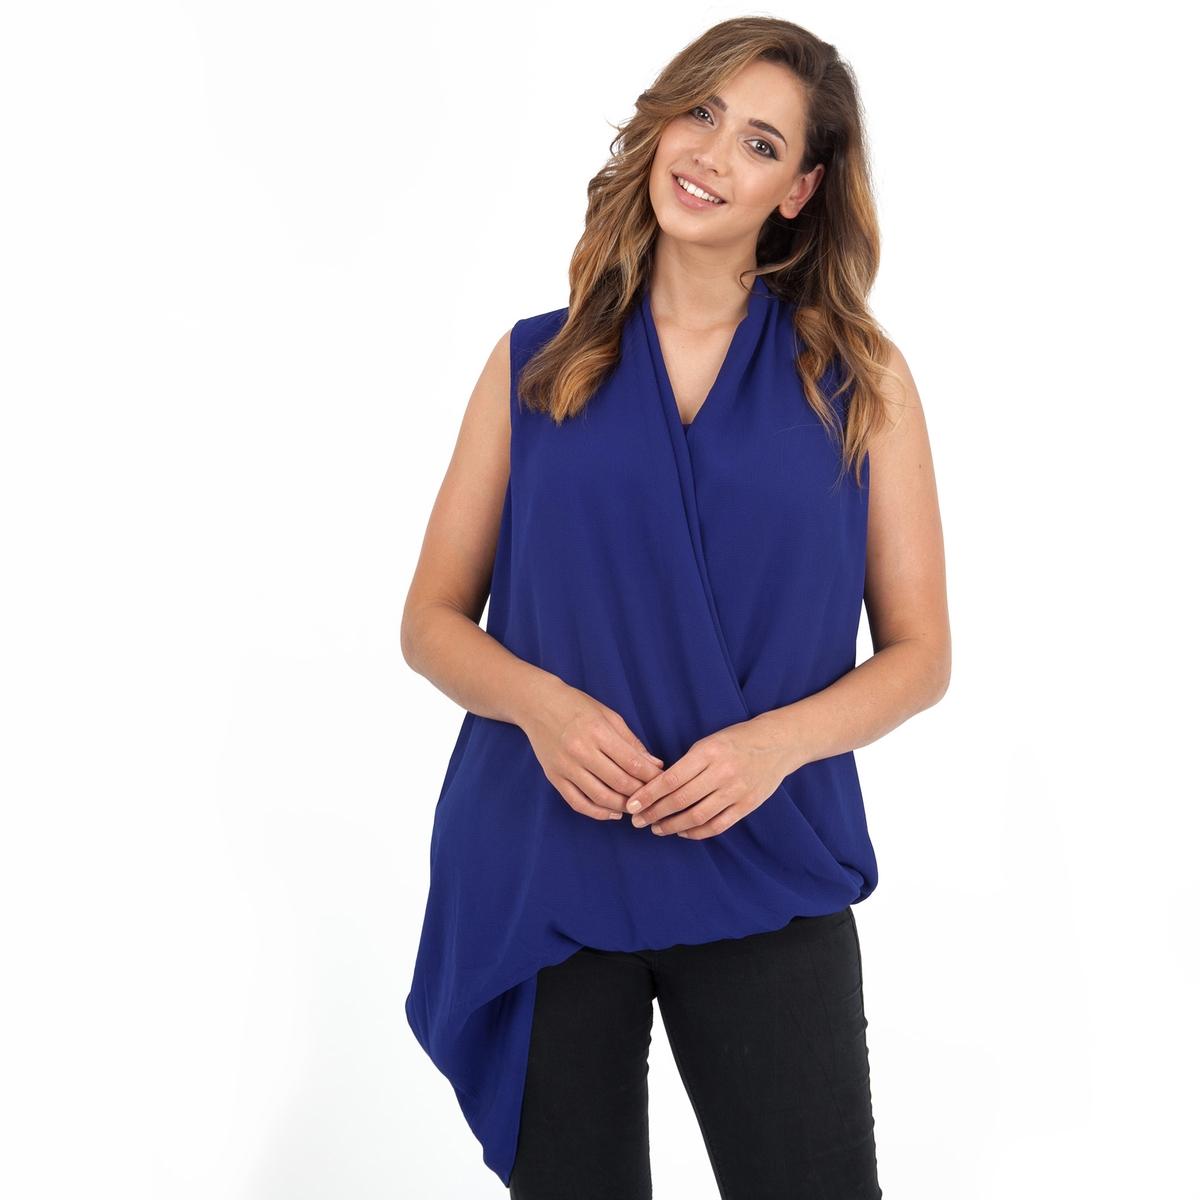 БлузкаБлузка без рукавов LOVEDROBE. Асимметричная блузка с симпатичным декольте. Легкий вырез сзади . 100% полиэстер.<br><br>Цвет: синий<br>Размер: 58/60 (FR) - 64/66 (RUS)